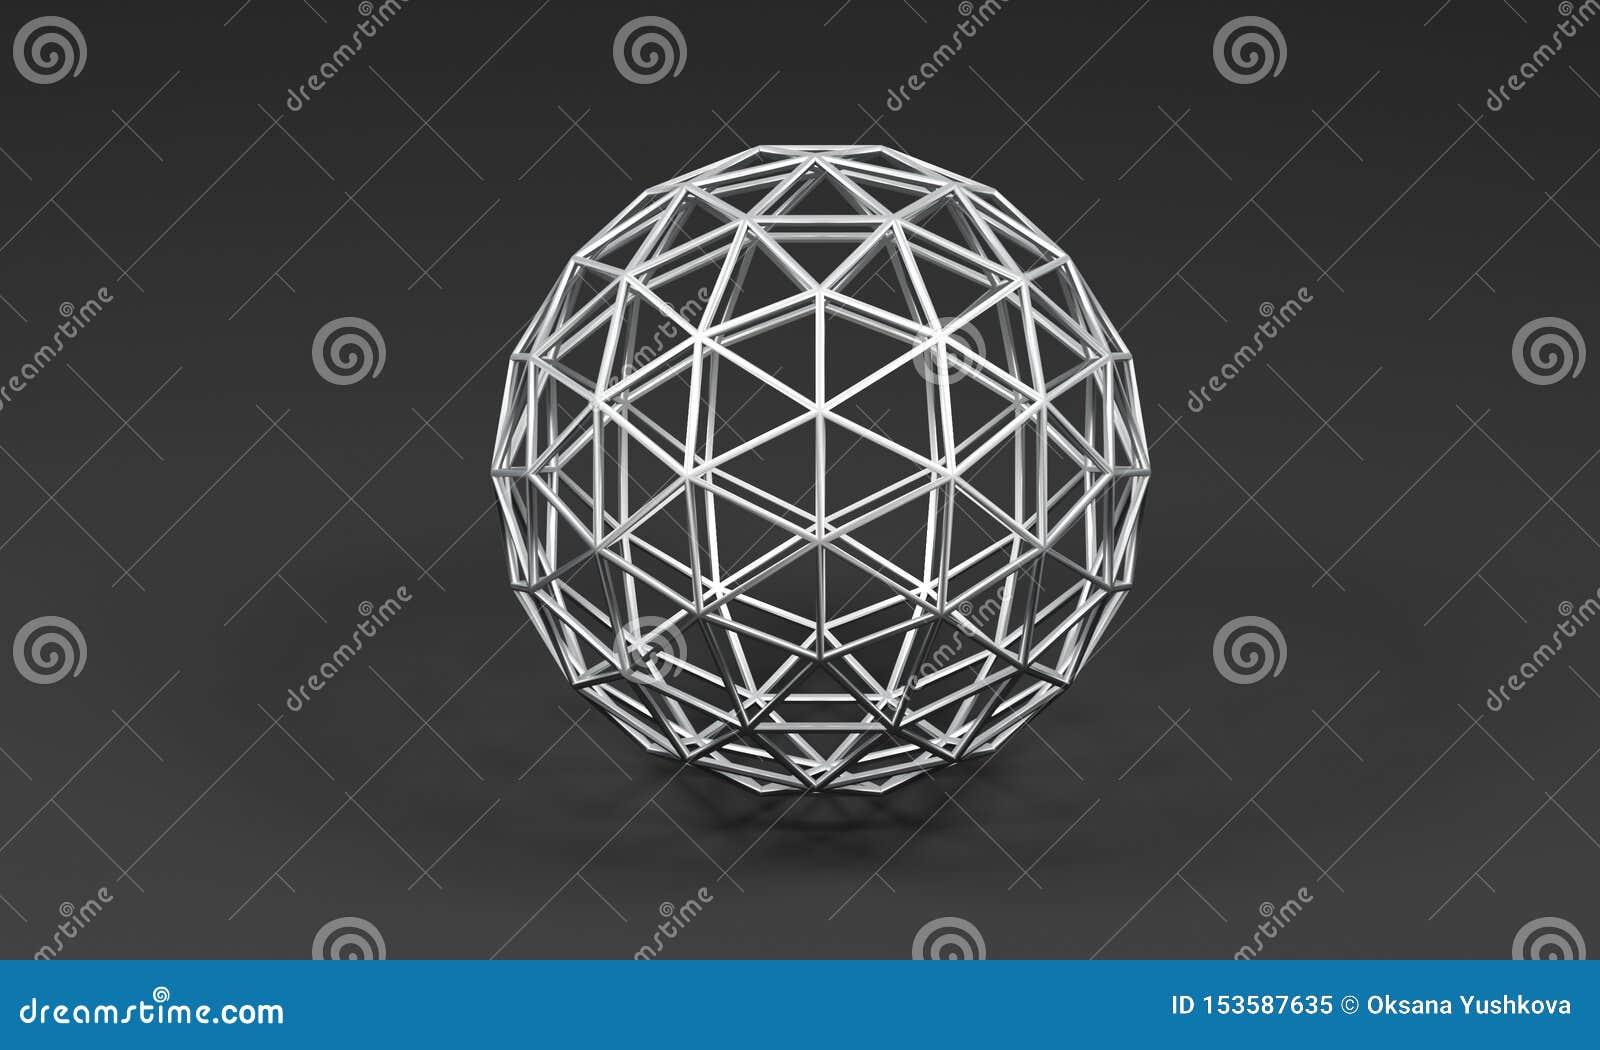 Gebied van metaaldriehoeken op grijze achtergrond - 3D illustratie